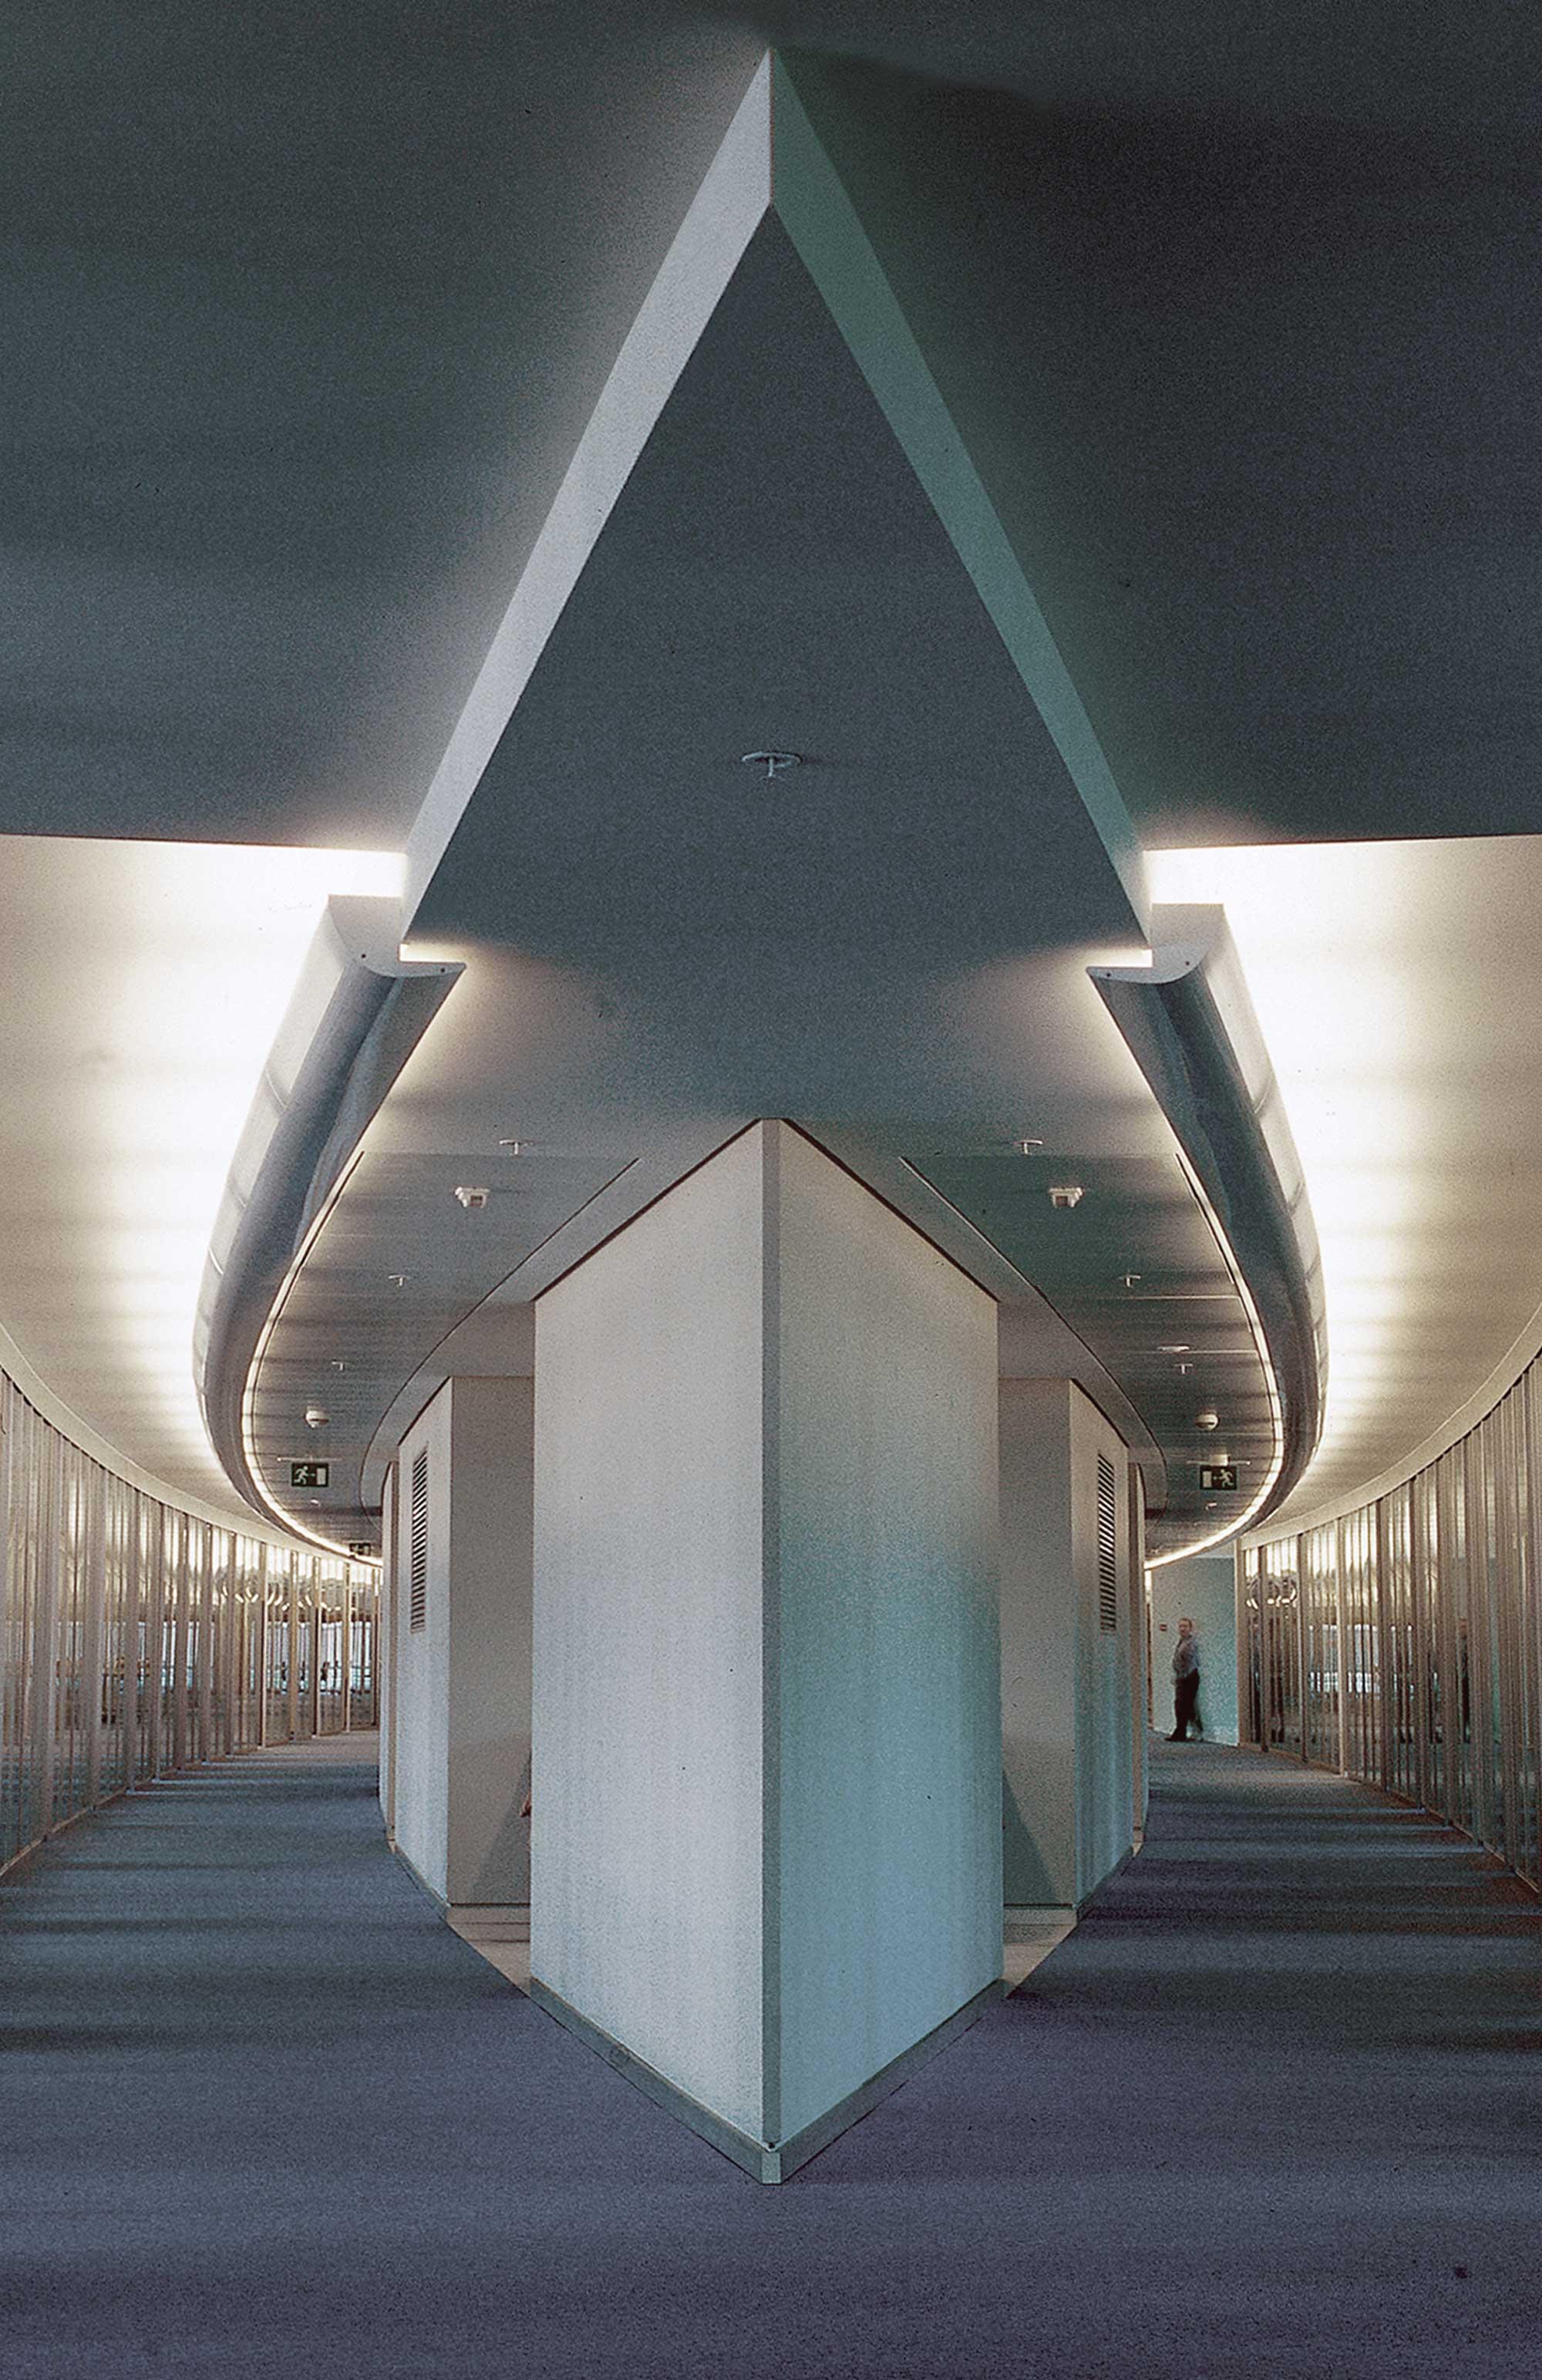 De larges espaces communs au centre de chaque étage favorisent les échanges.